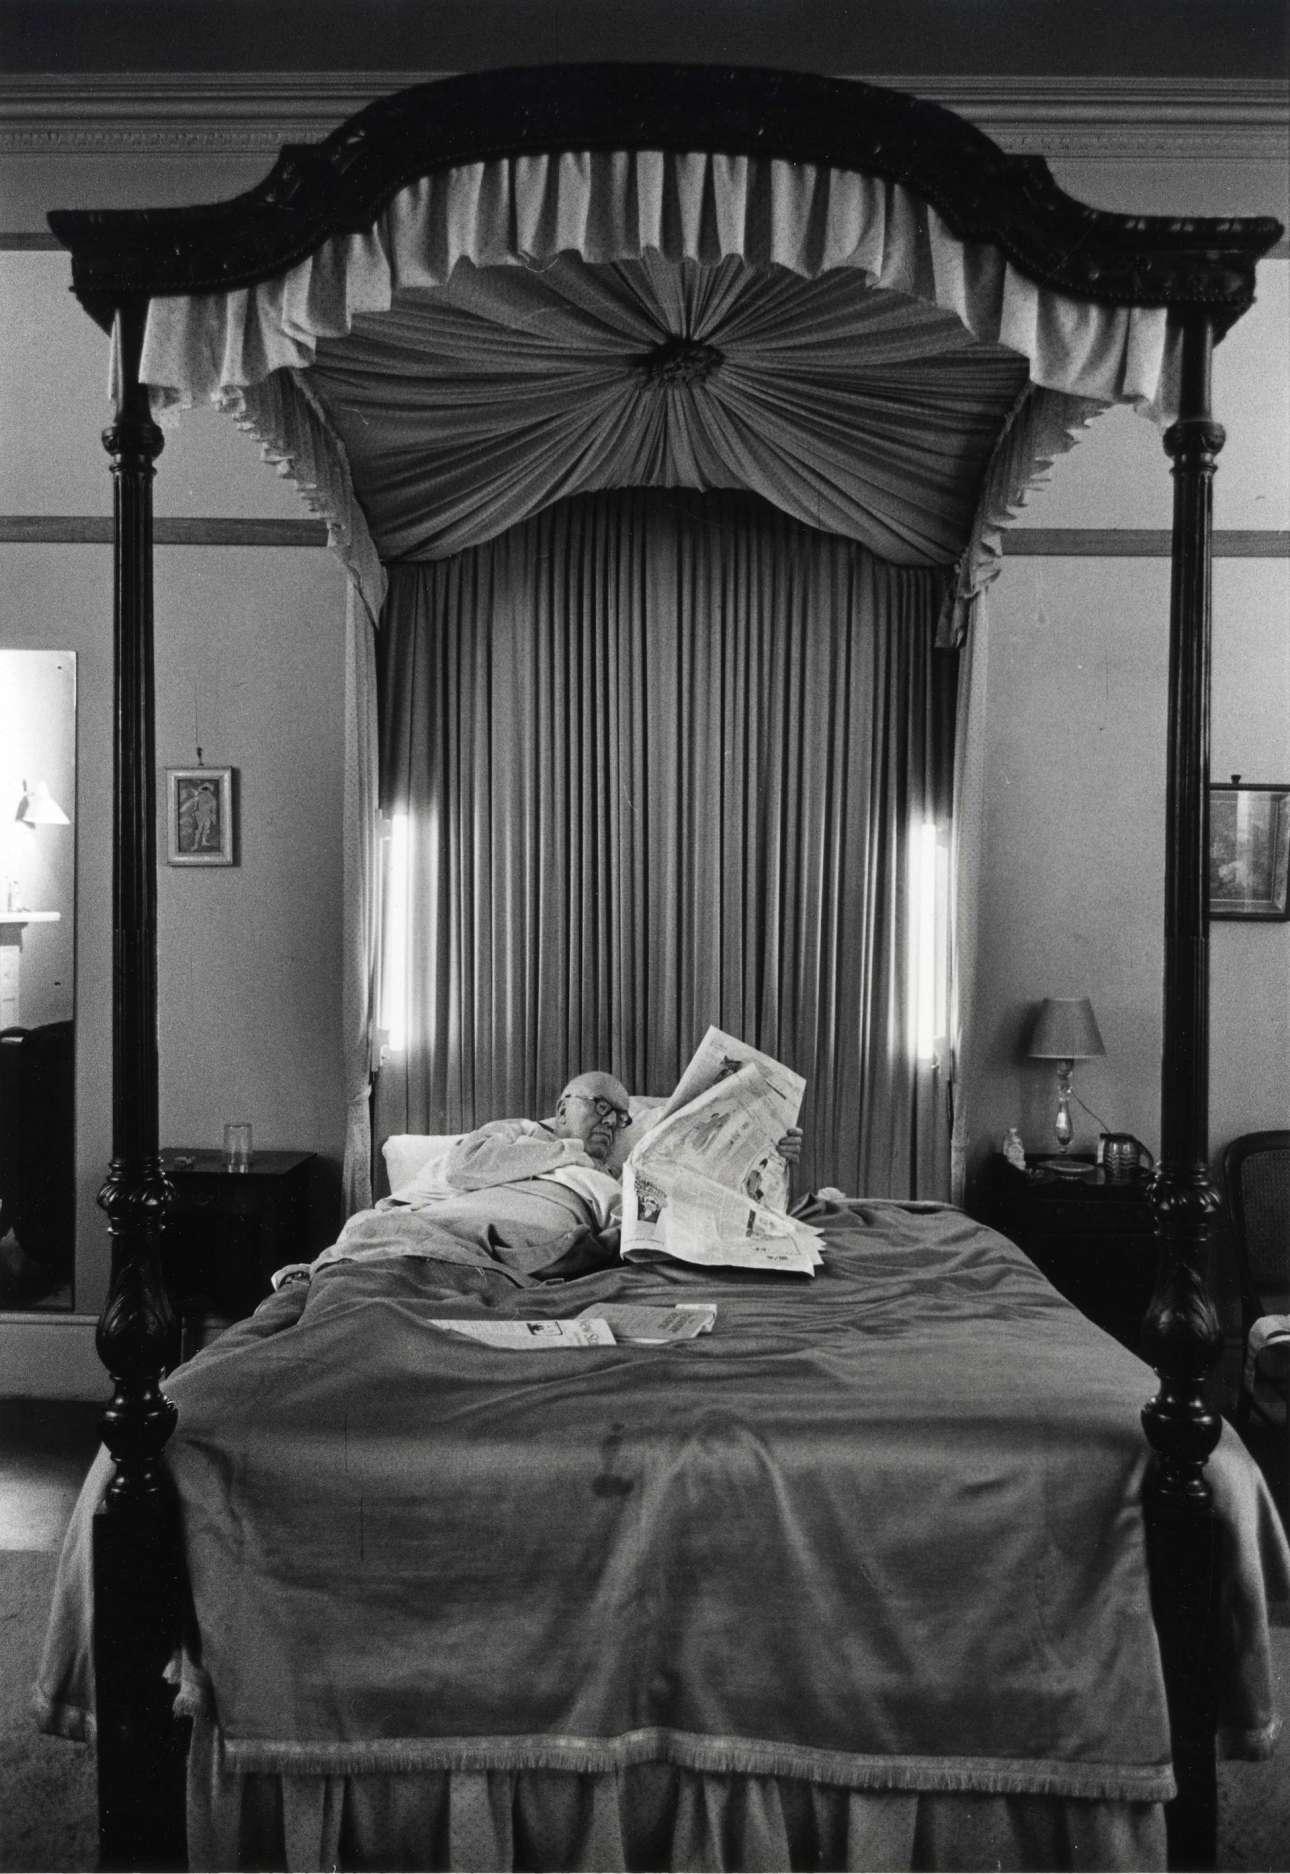 Ο βρετανός επιστήμονας και μυθιστοριογράφος Τσαρλς Πέρσι Σνόου ξαπλωμένος στο κρεβάτι του, στο σπίτι του στο Λονδίνο, το 1961